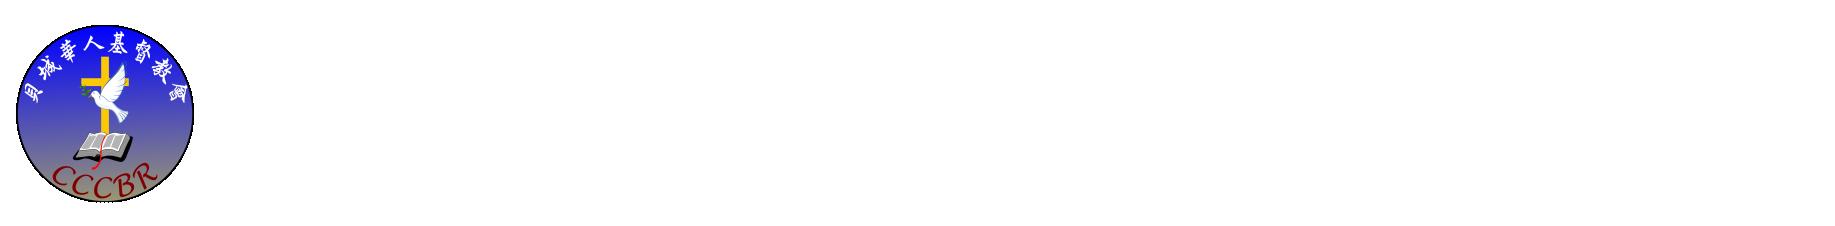 貝城華人基督教會